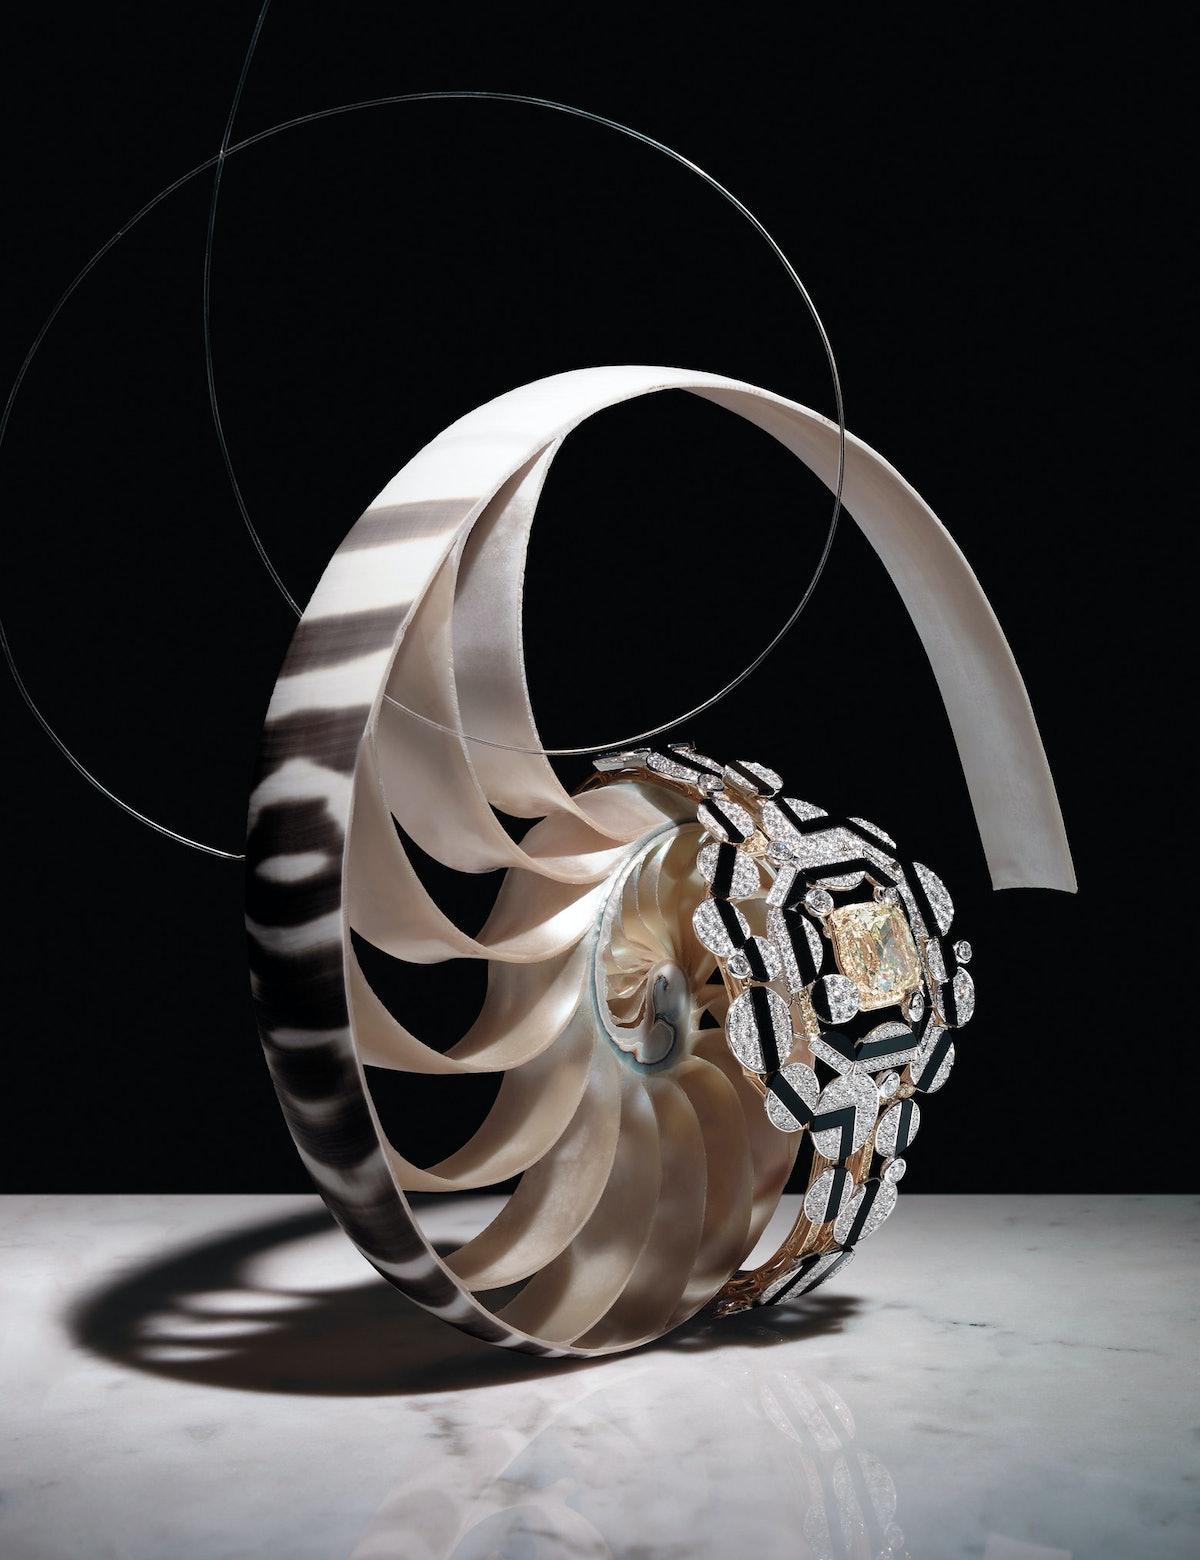 Shell, Chanel Fine Jewelry bracelet